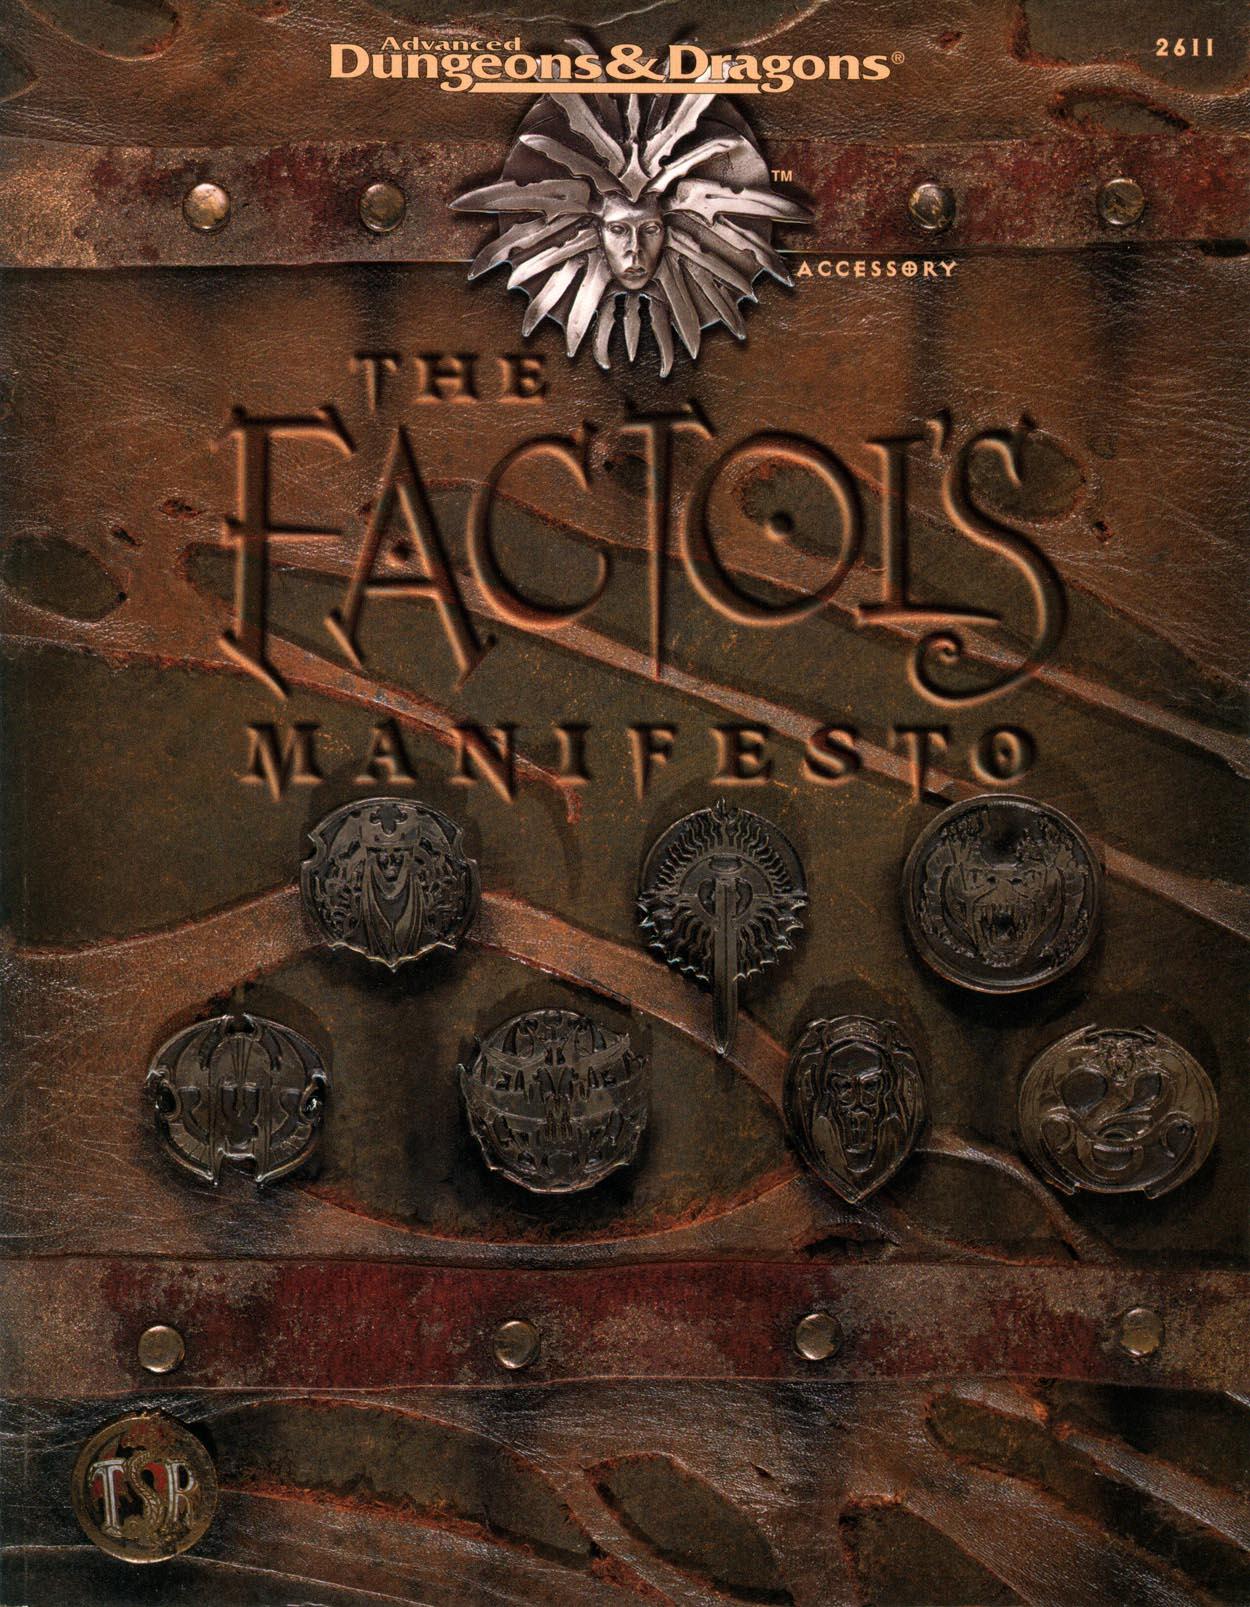 The Factol's Manifesto